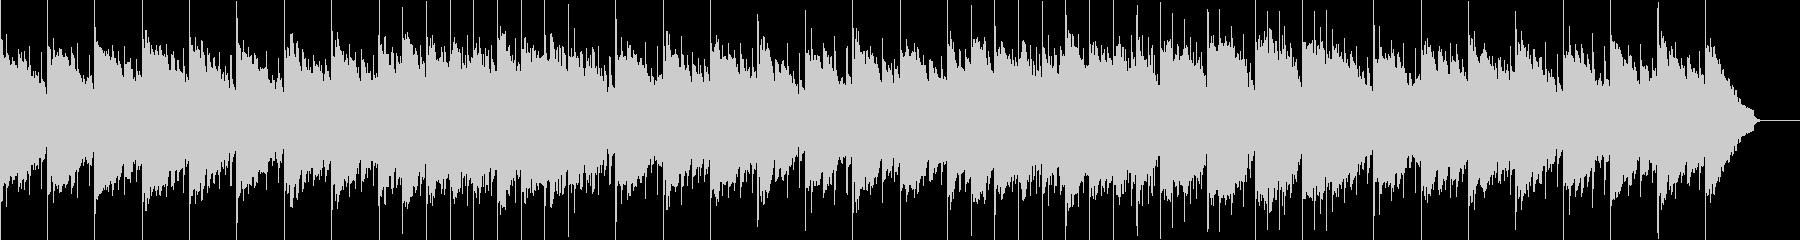 アコースティックセンチメンタル#36−0の未再生の波形